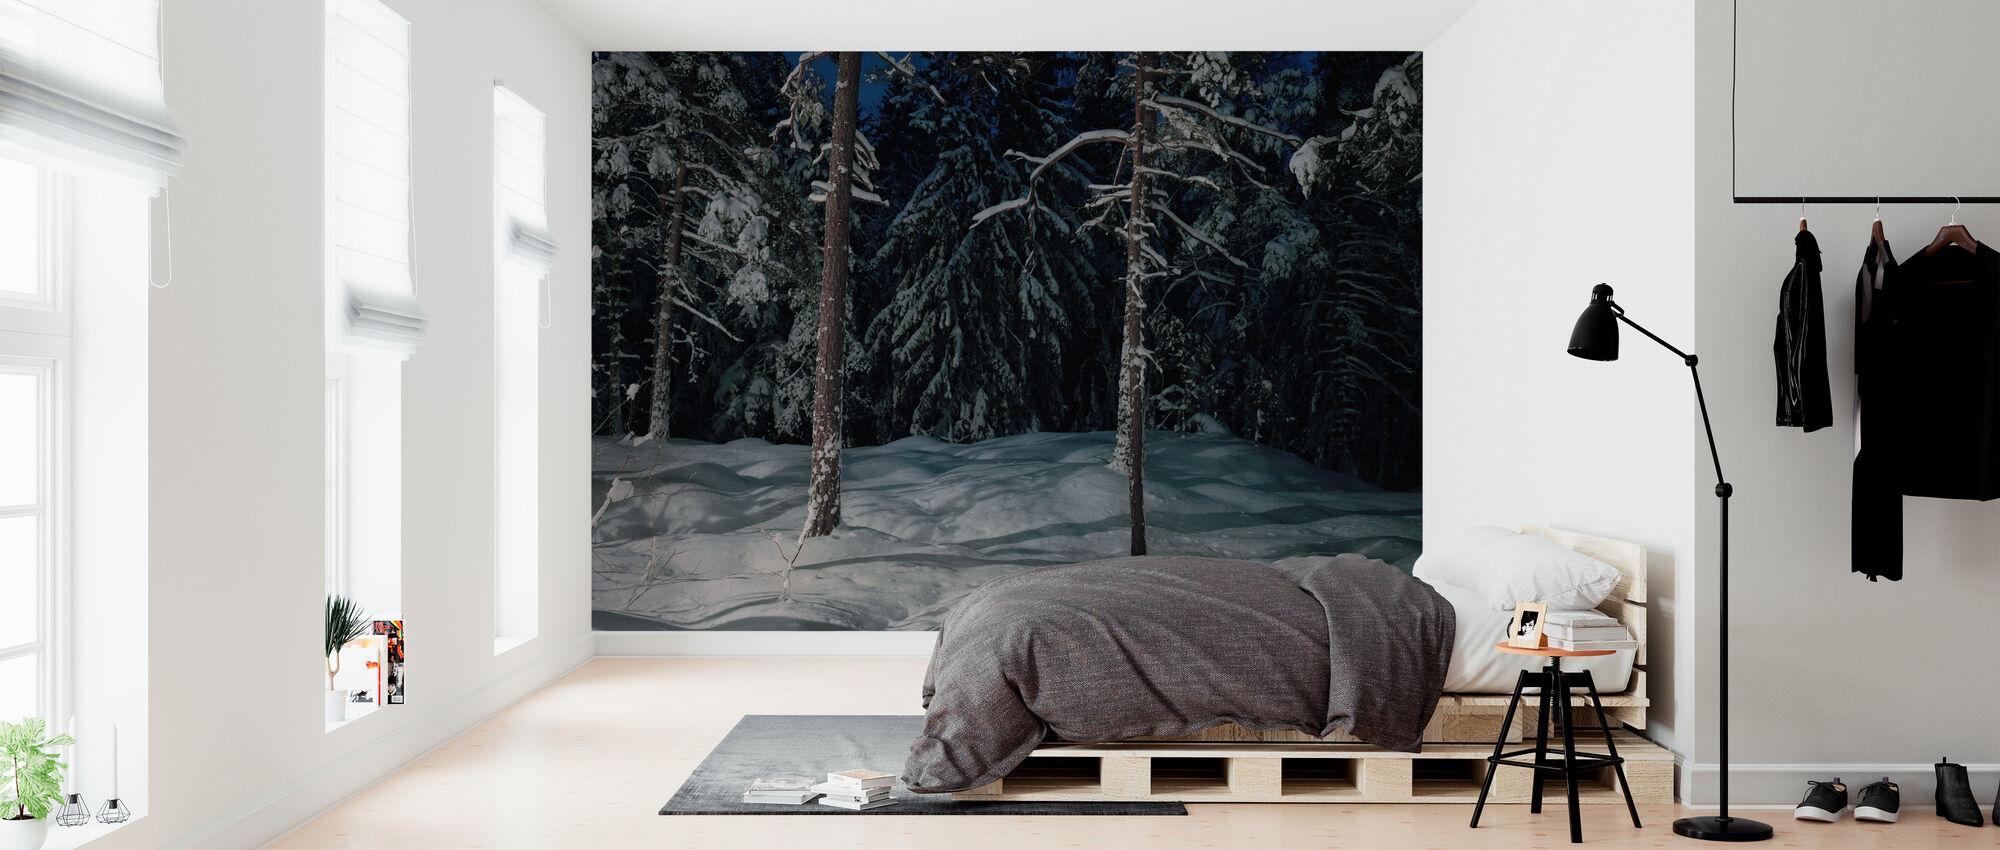 Winter Lighting in Nacka, Sweden - Wallpaper - Bedroom